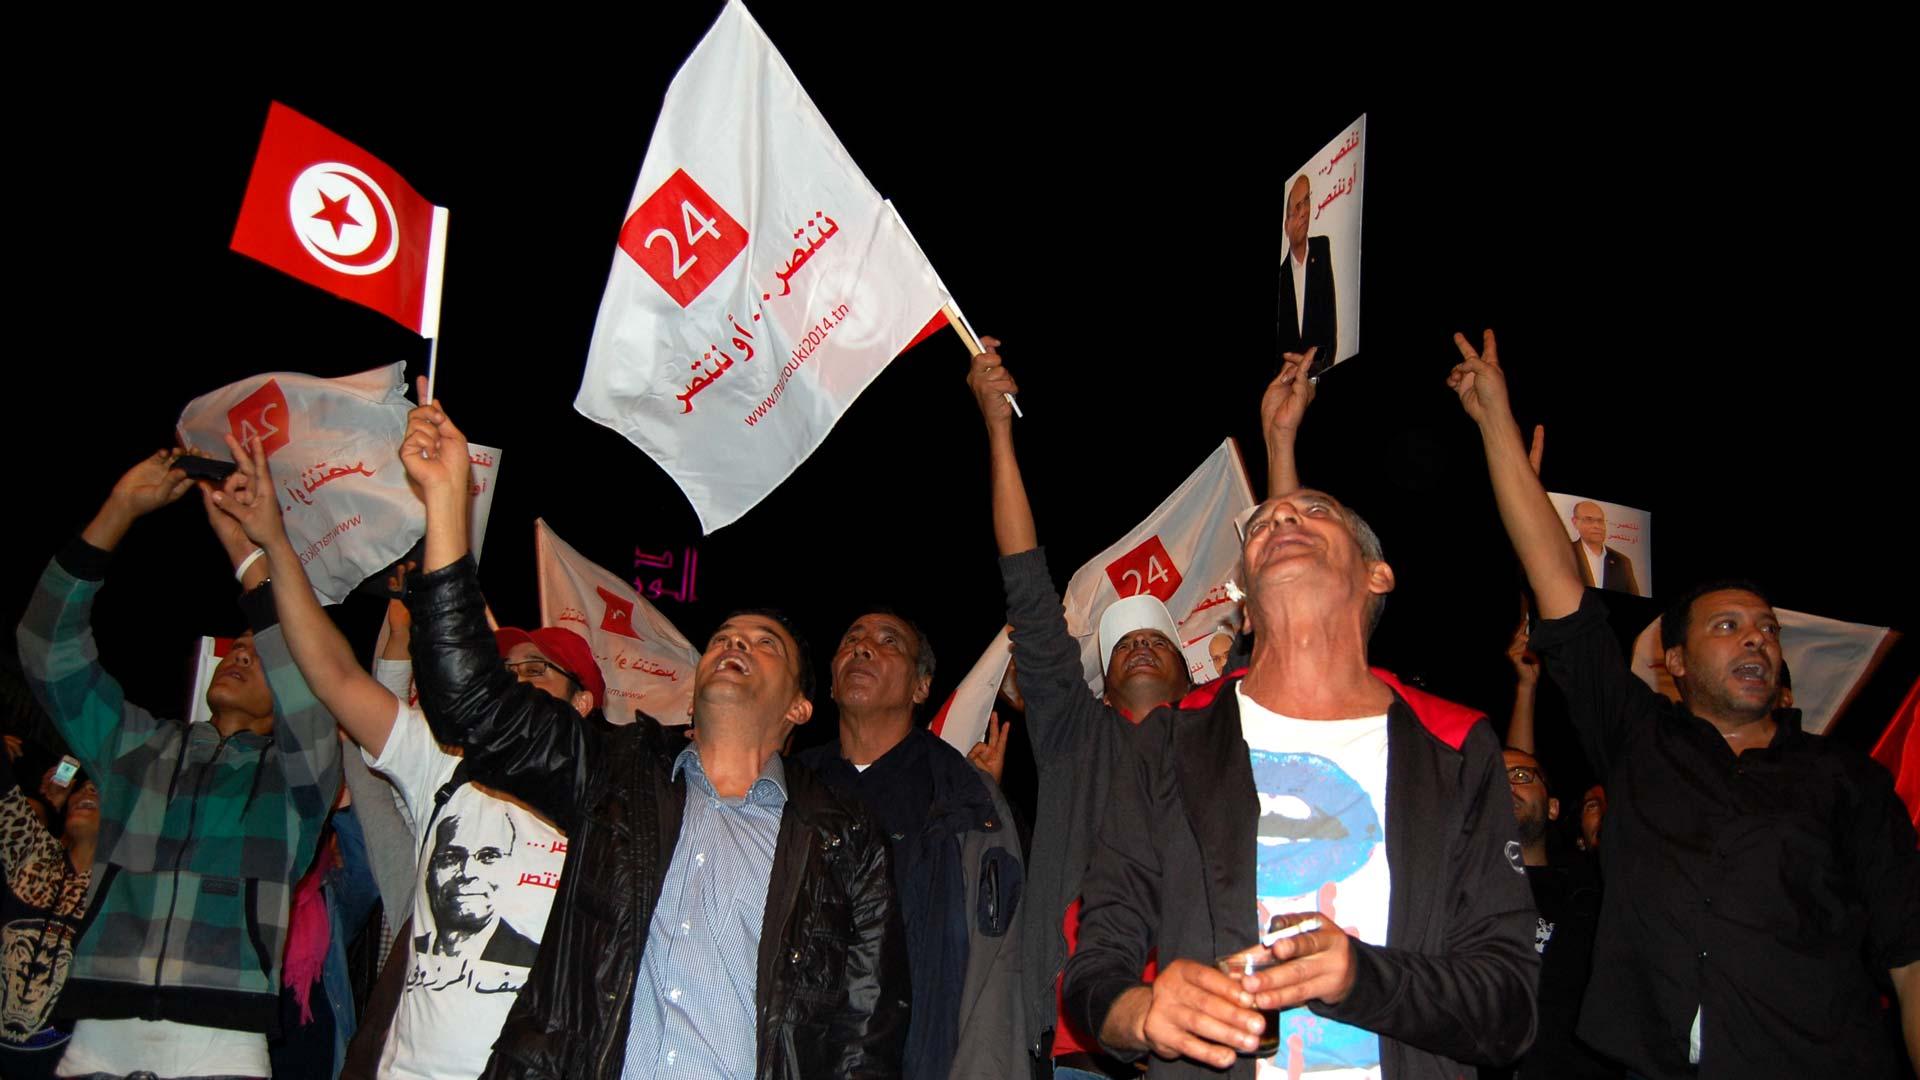 35-tnelec2014-presidentielle-supporters-drapeaux-1920-inkyfada